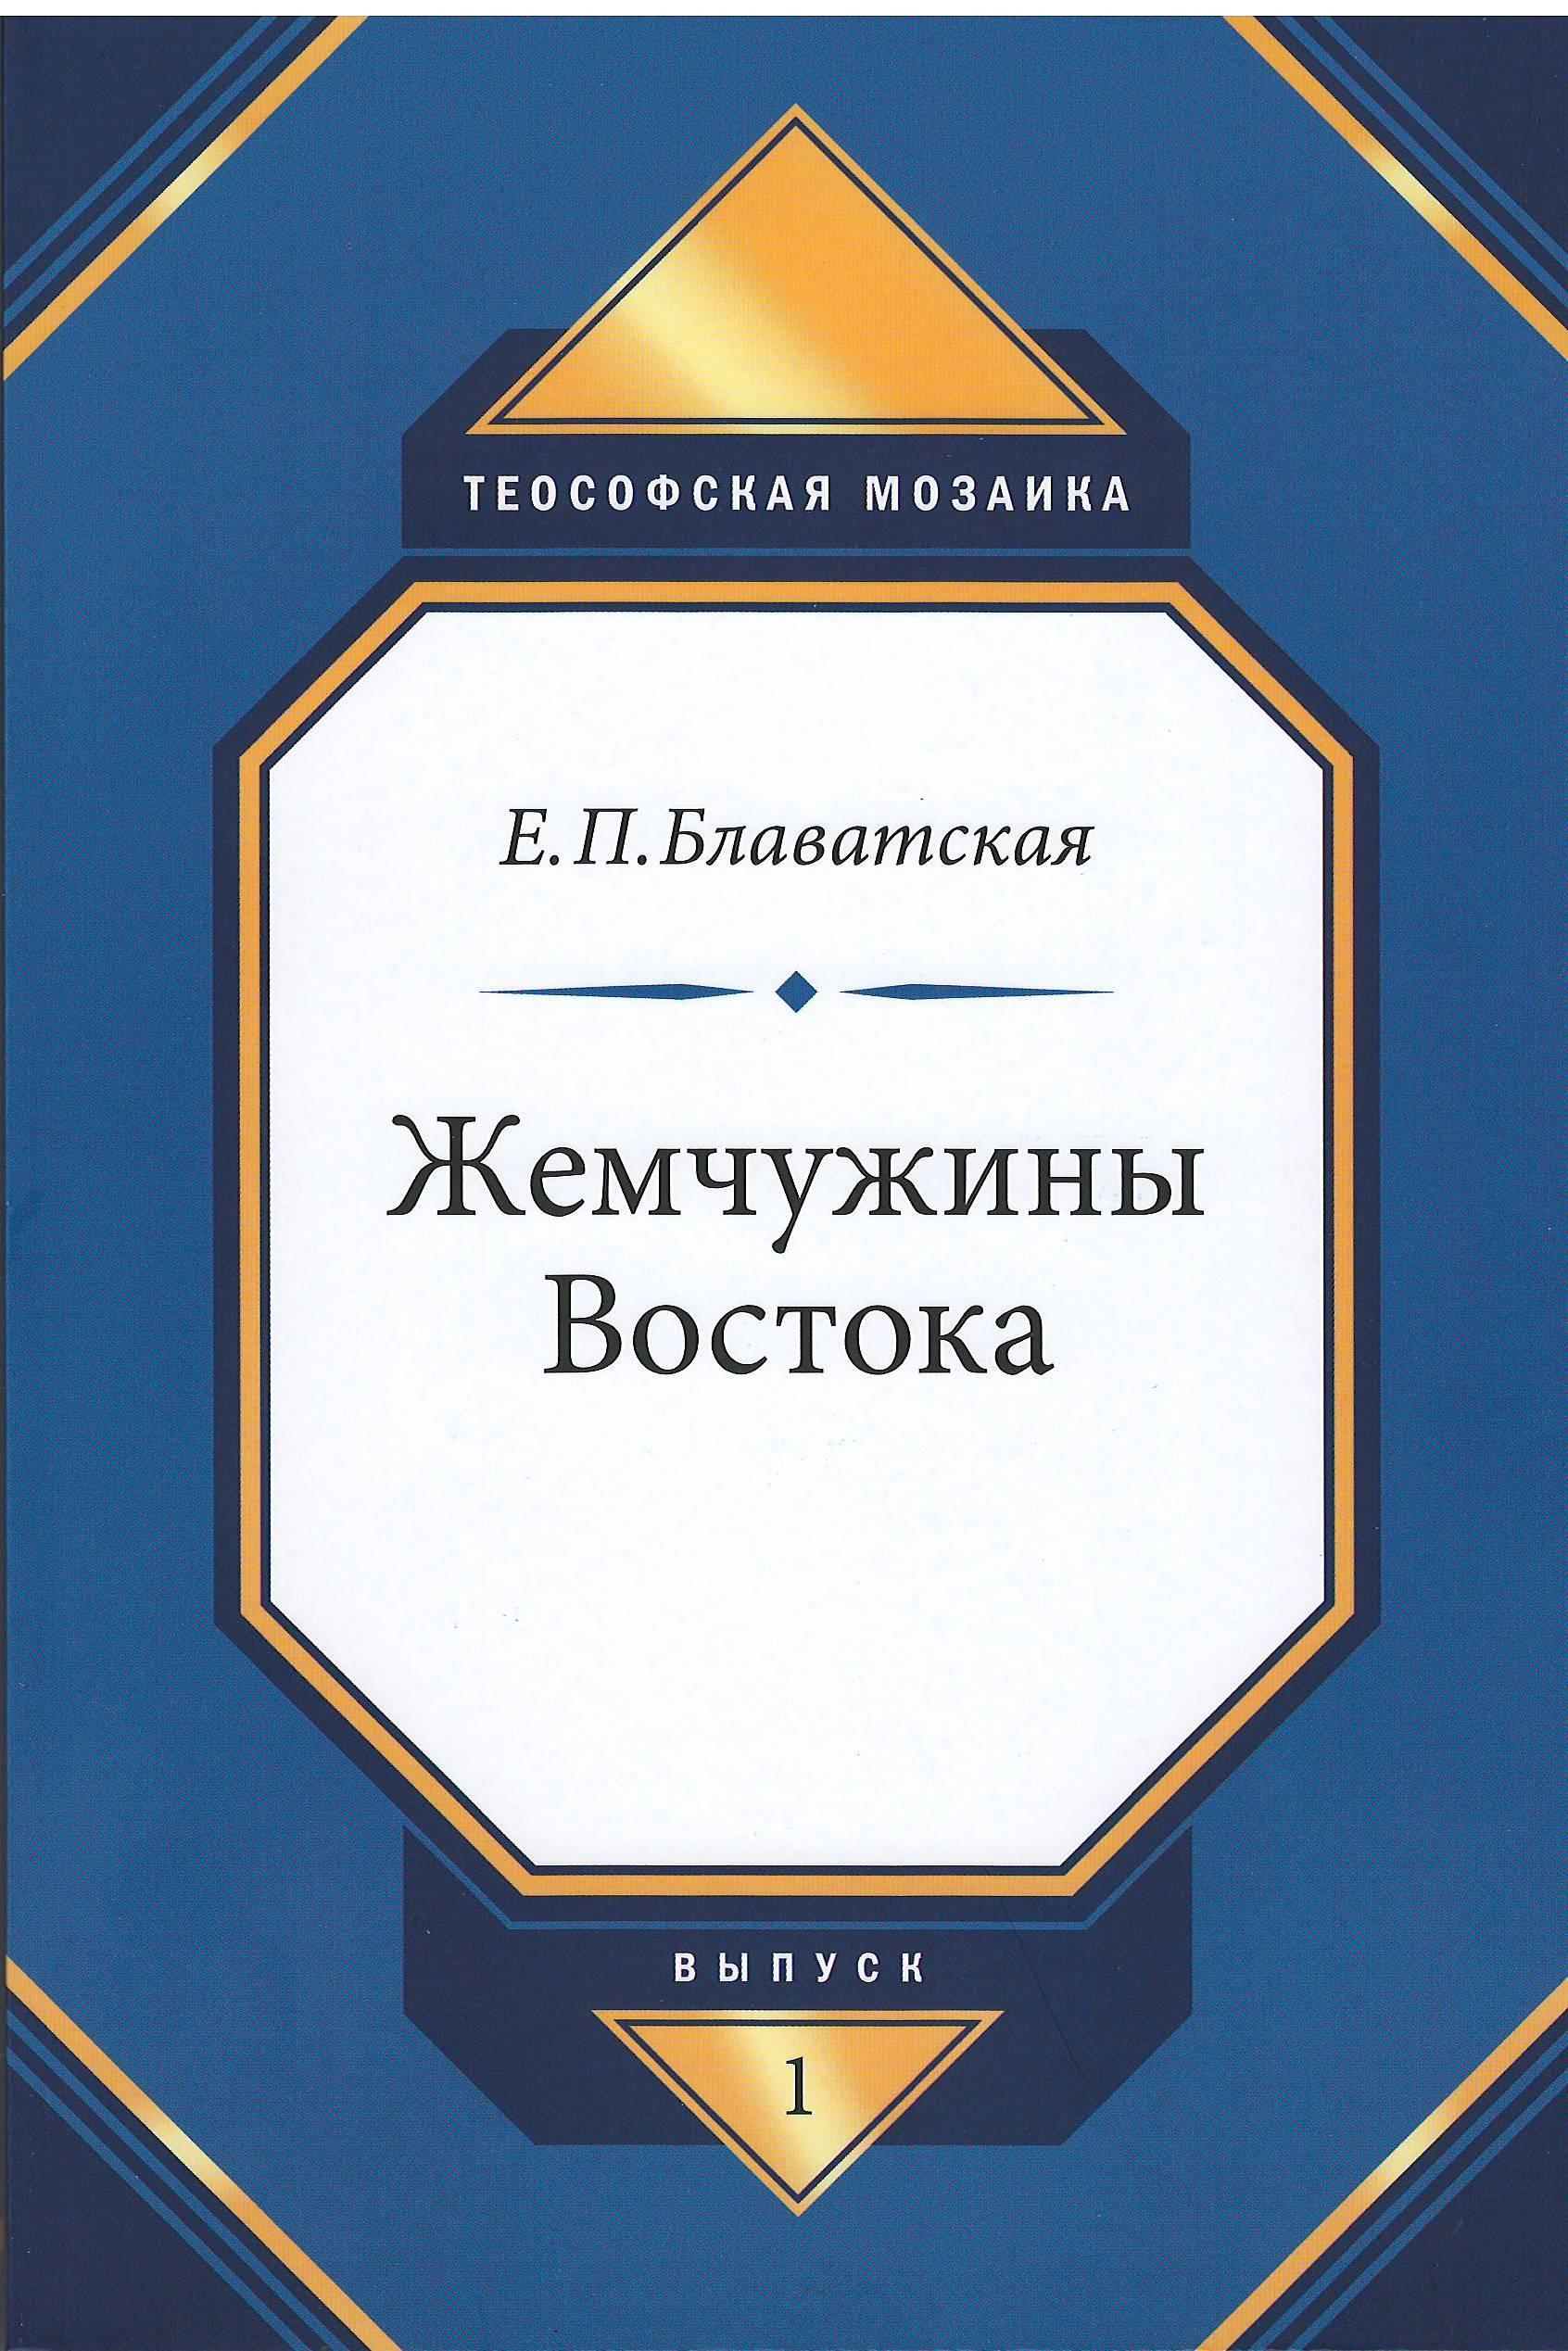 Жемчужины Востока. Выпуск 1